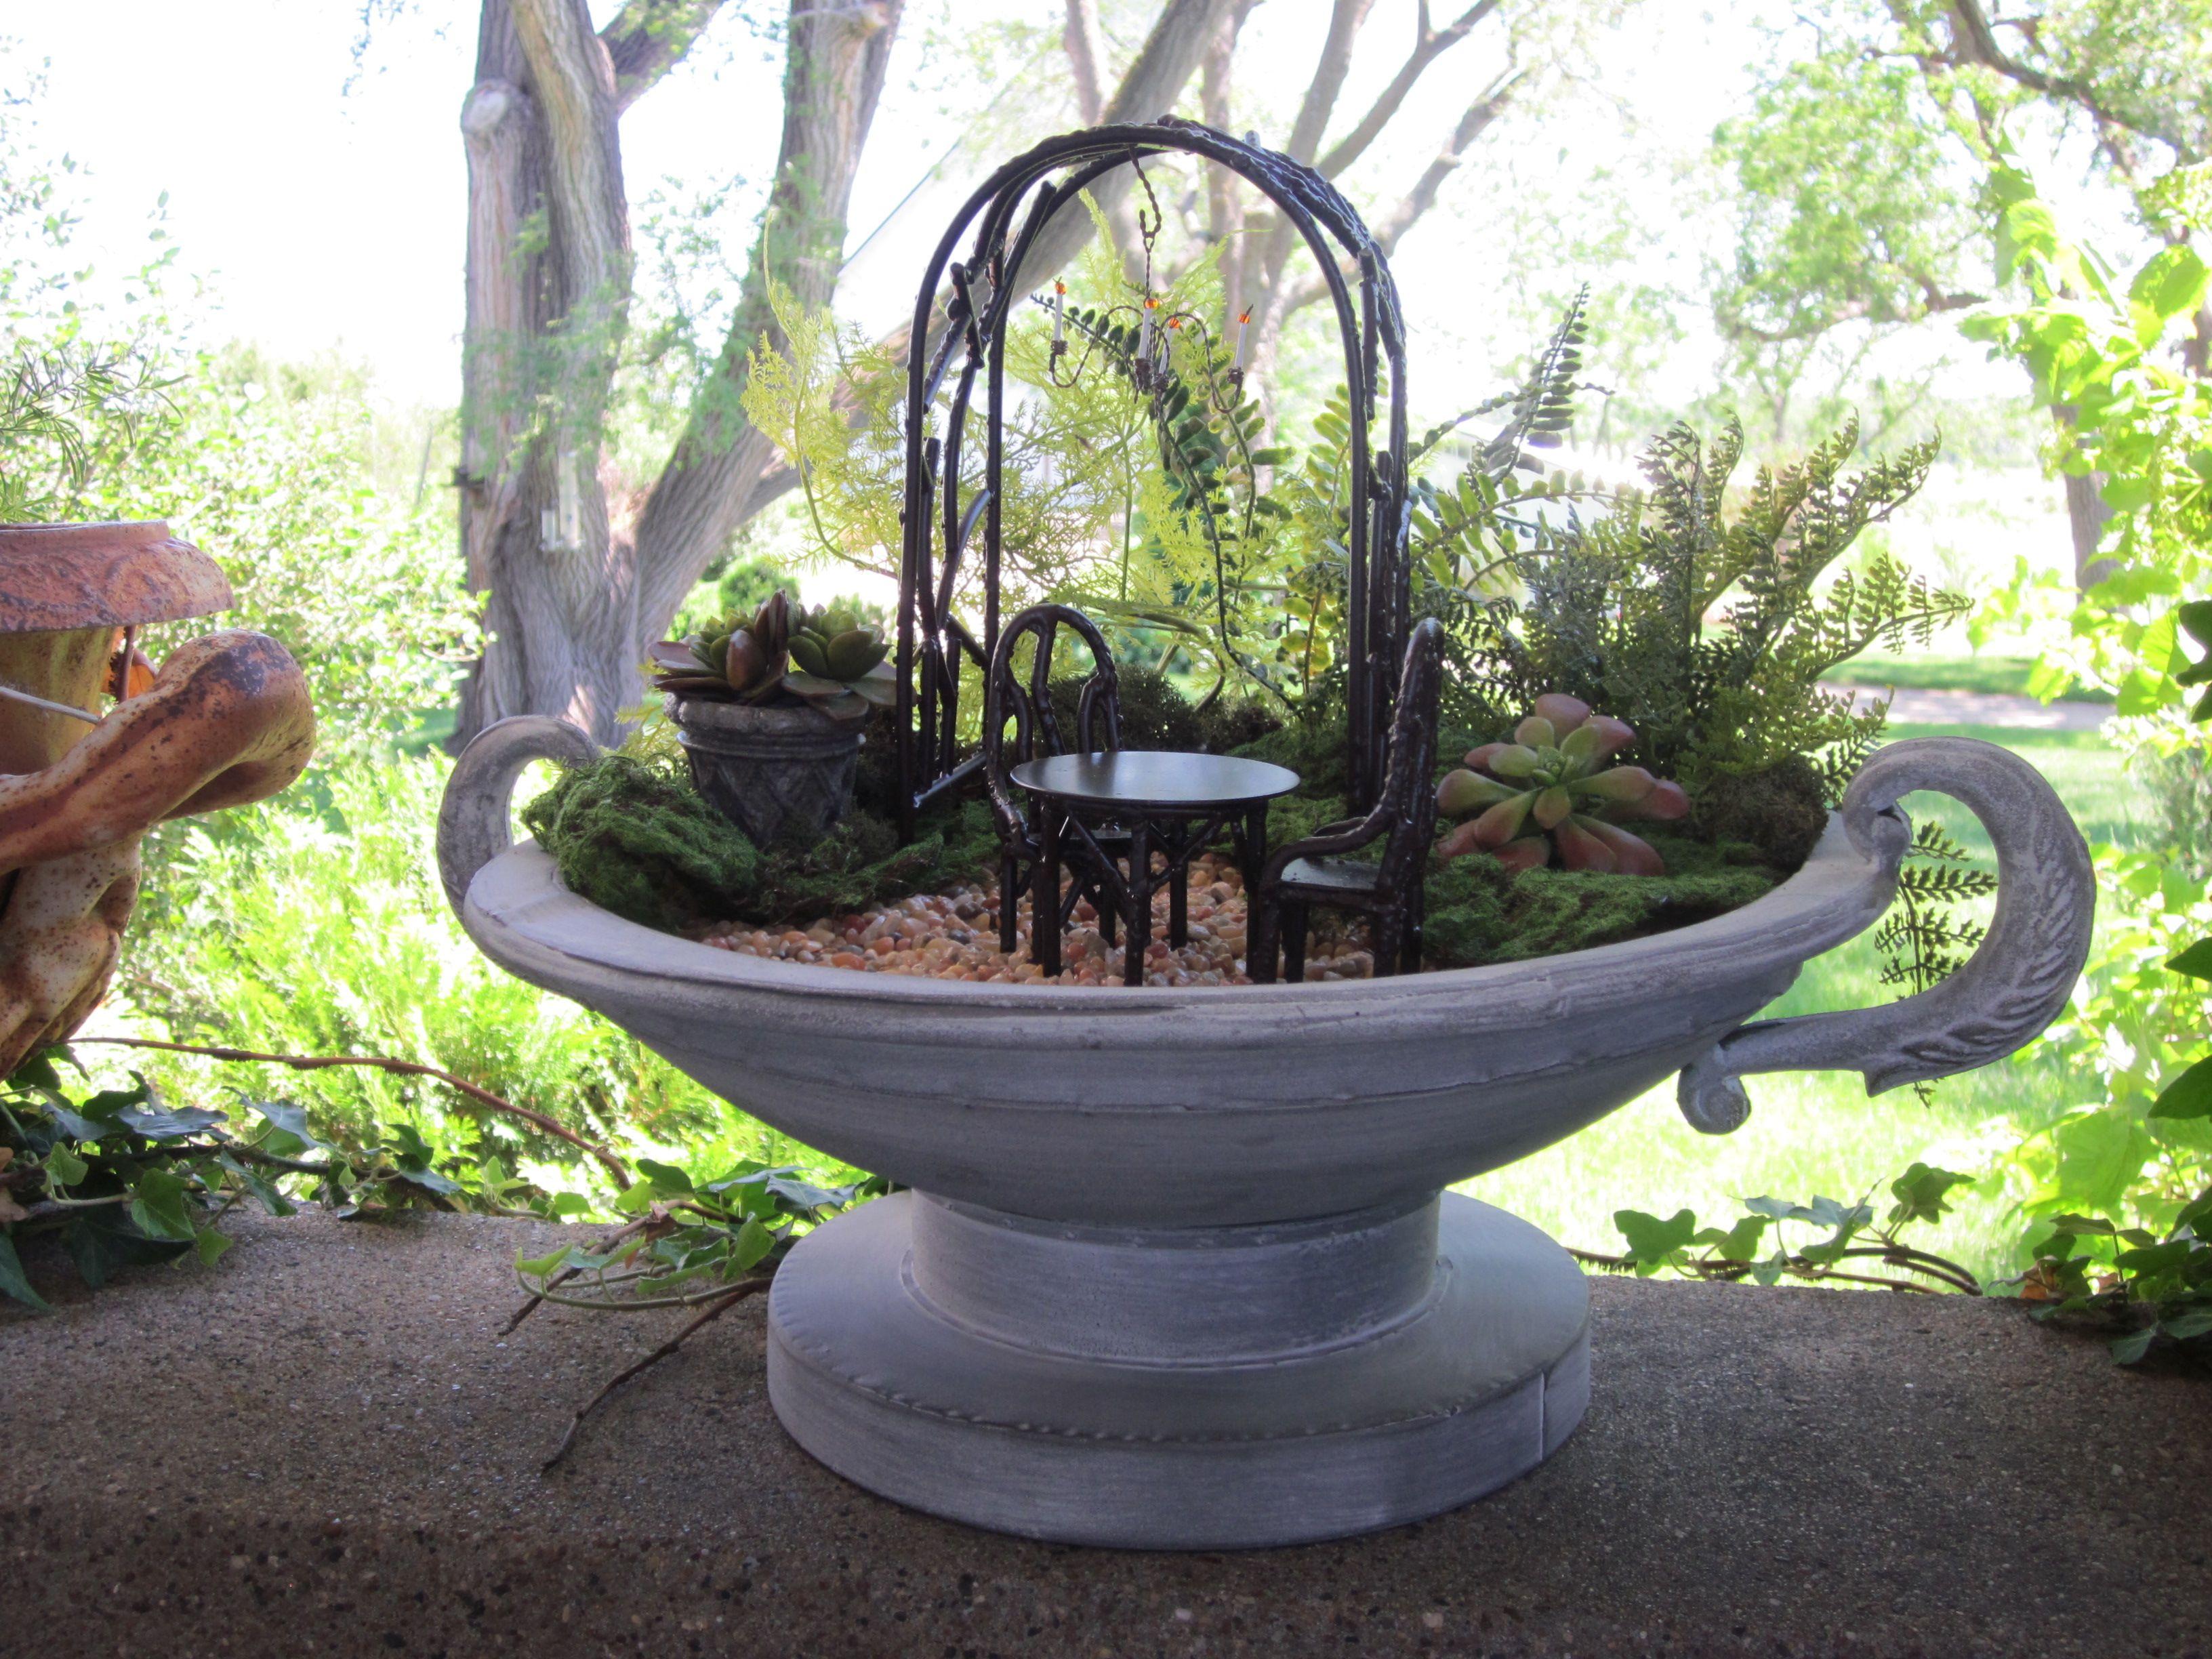 Garden decor trellis  fairy garden chairs trellis and accessories available at The Garden